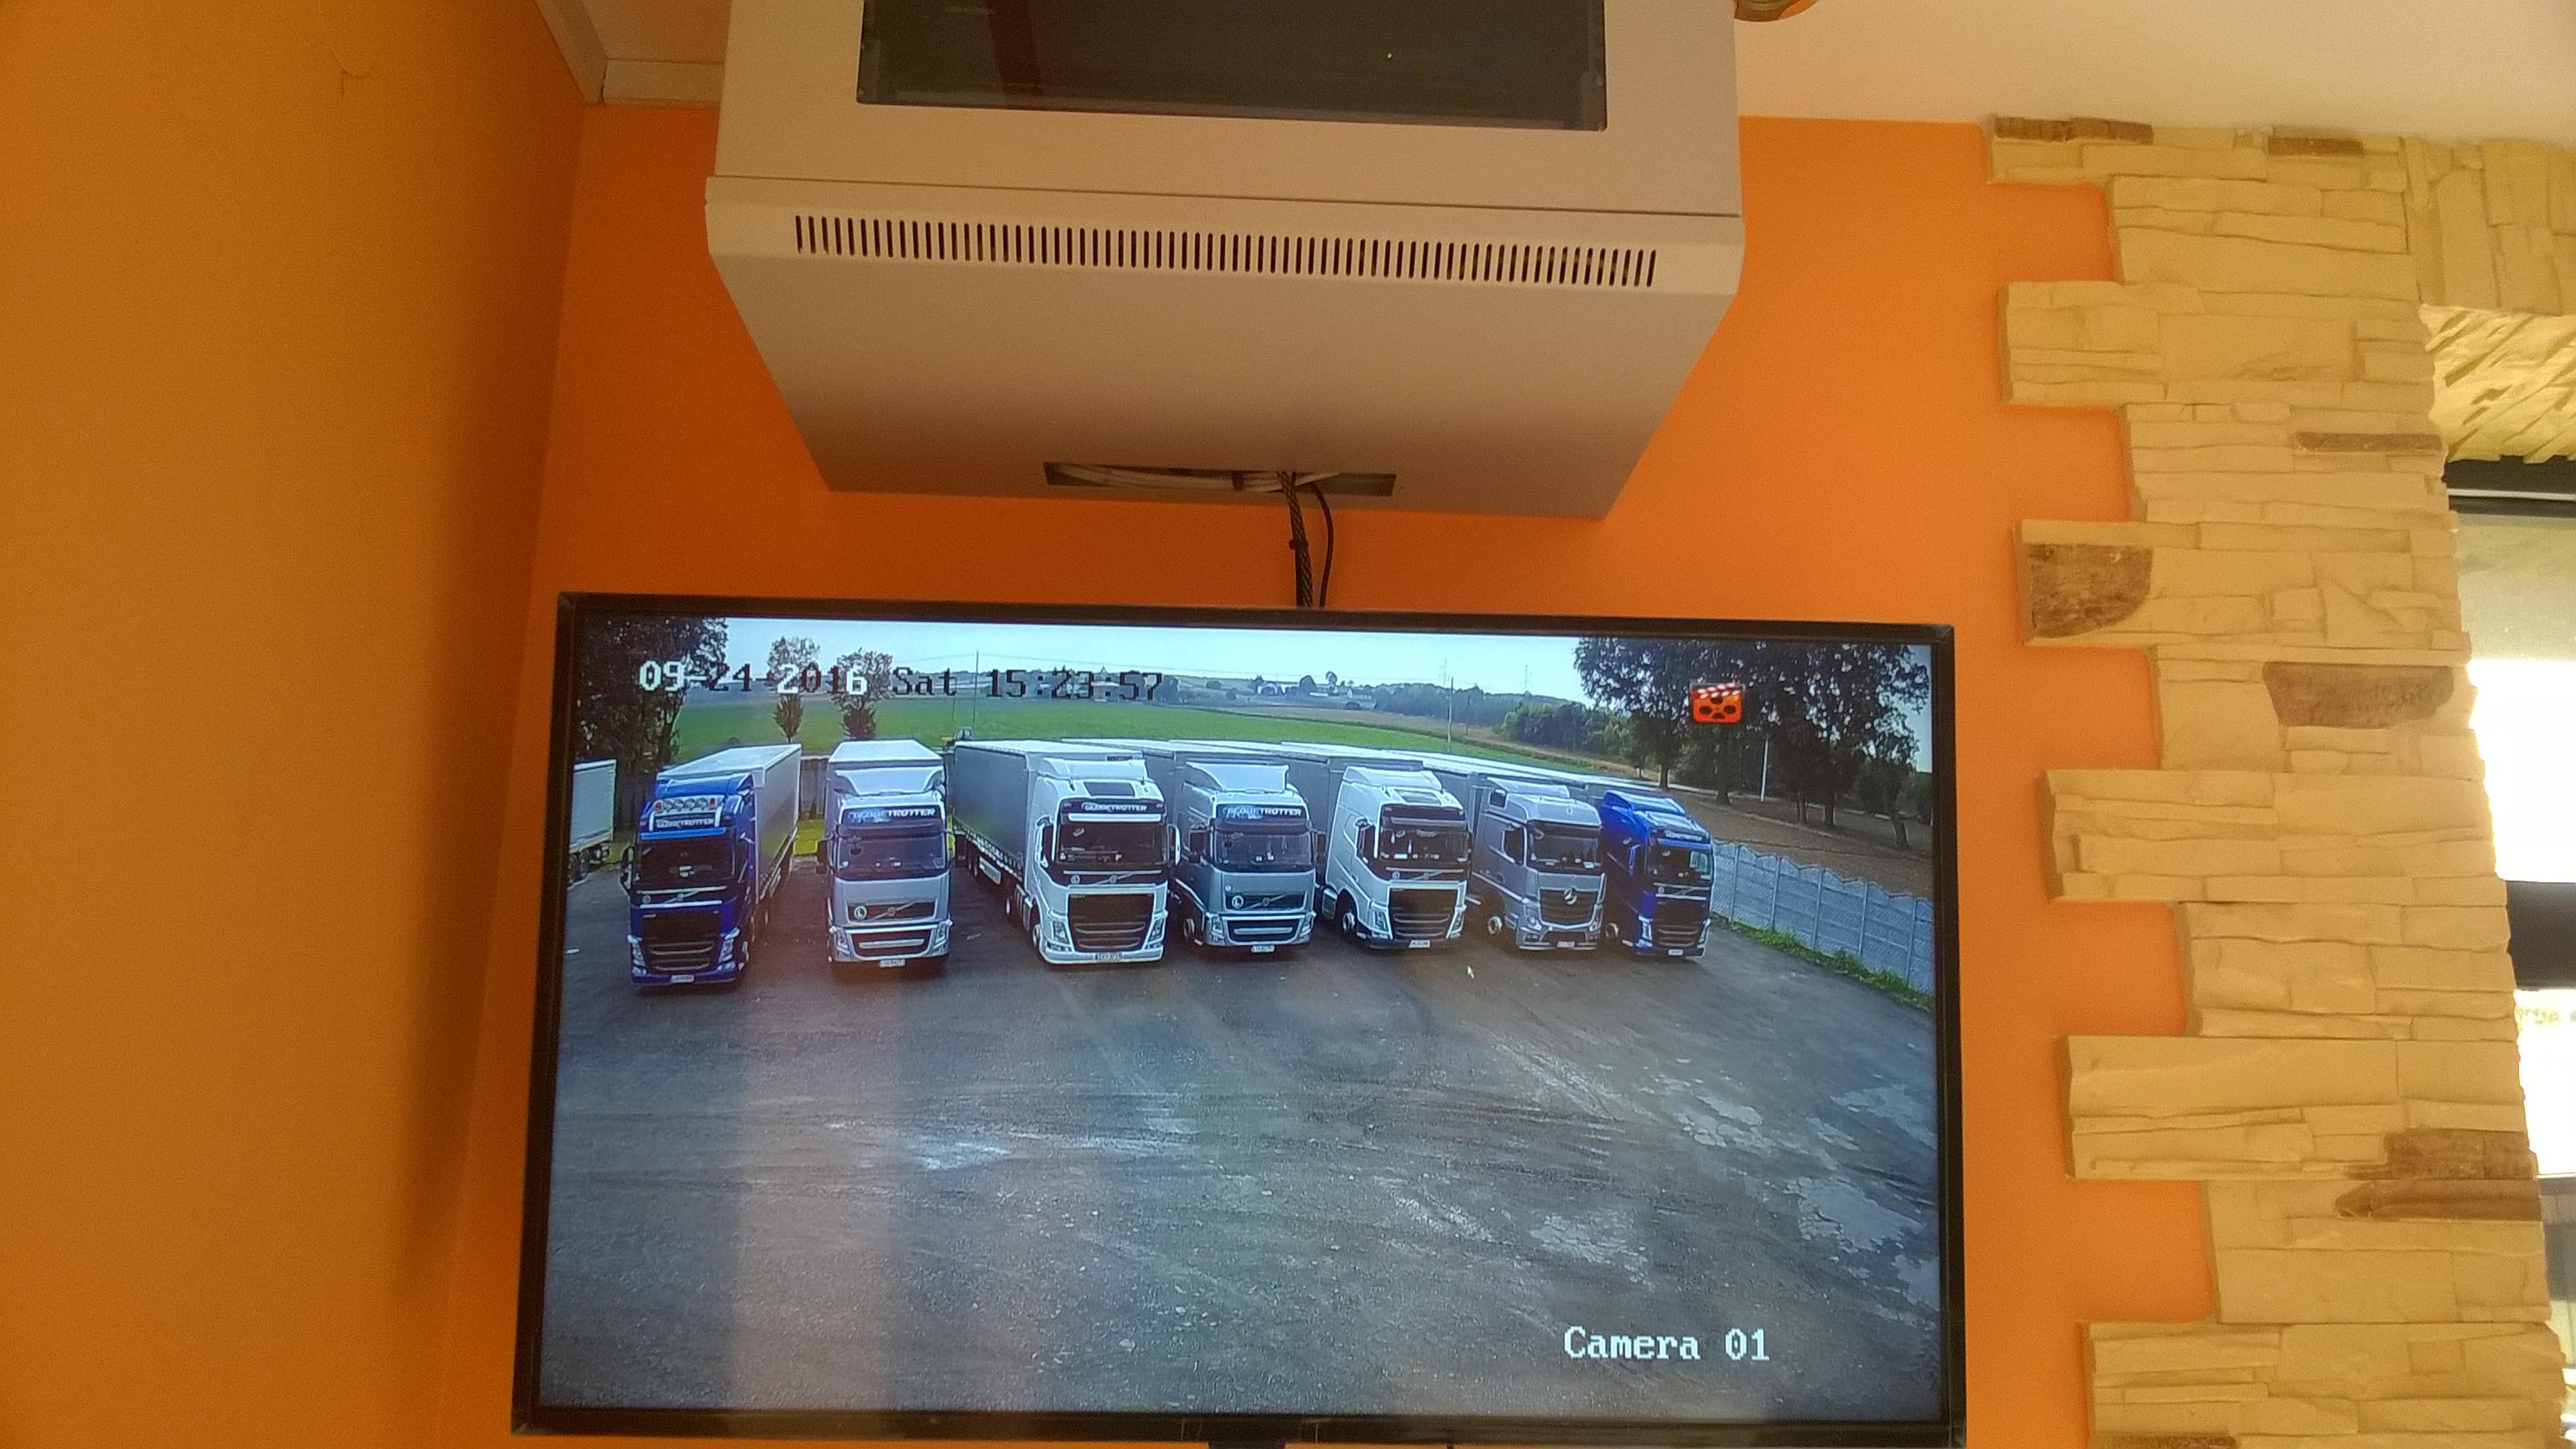 monitoring-bilgoraj-monitoring-zamosc-monitoring-krasnik-monitoring-janow-lubelski-monitoring-gospodarstwa-rolnego-monitoring-chelm-monitoring-lezajsk-25-infomech-monitoring-wizyjny-systemy-zabezpie